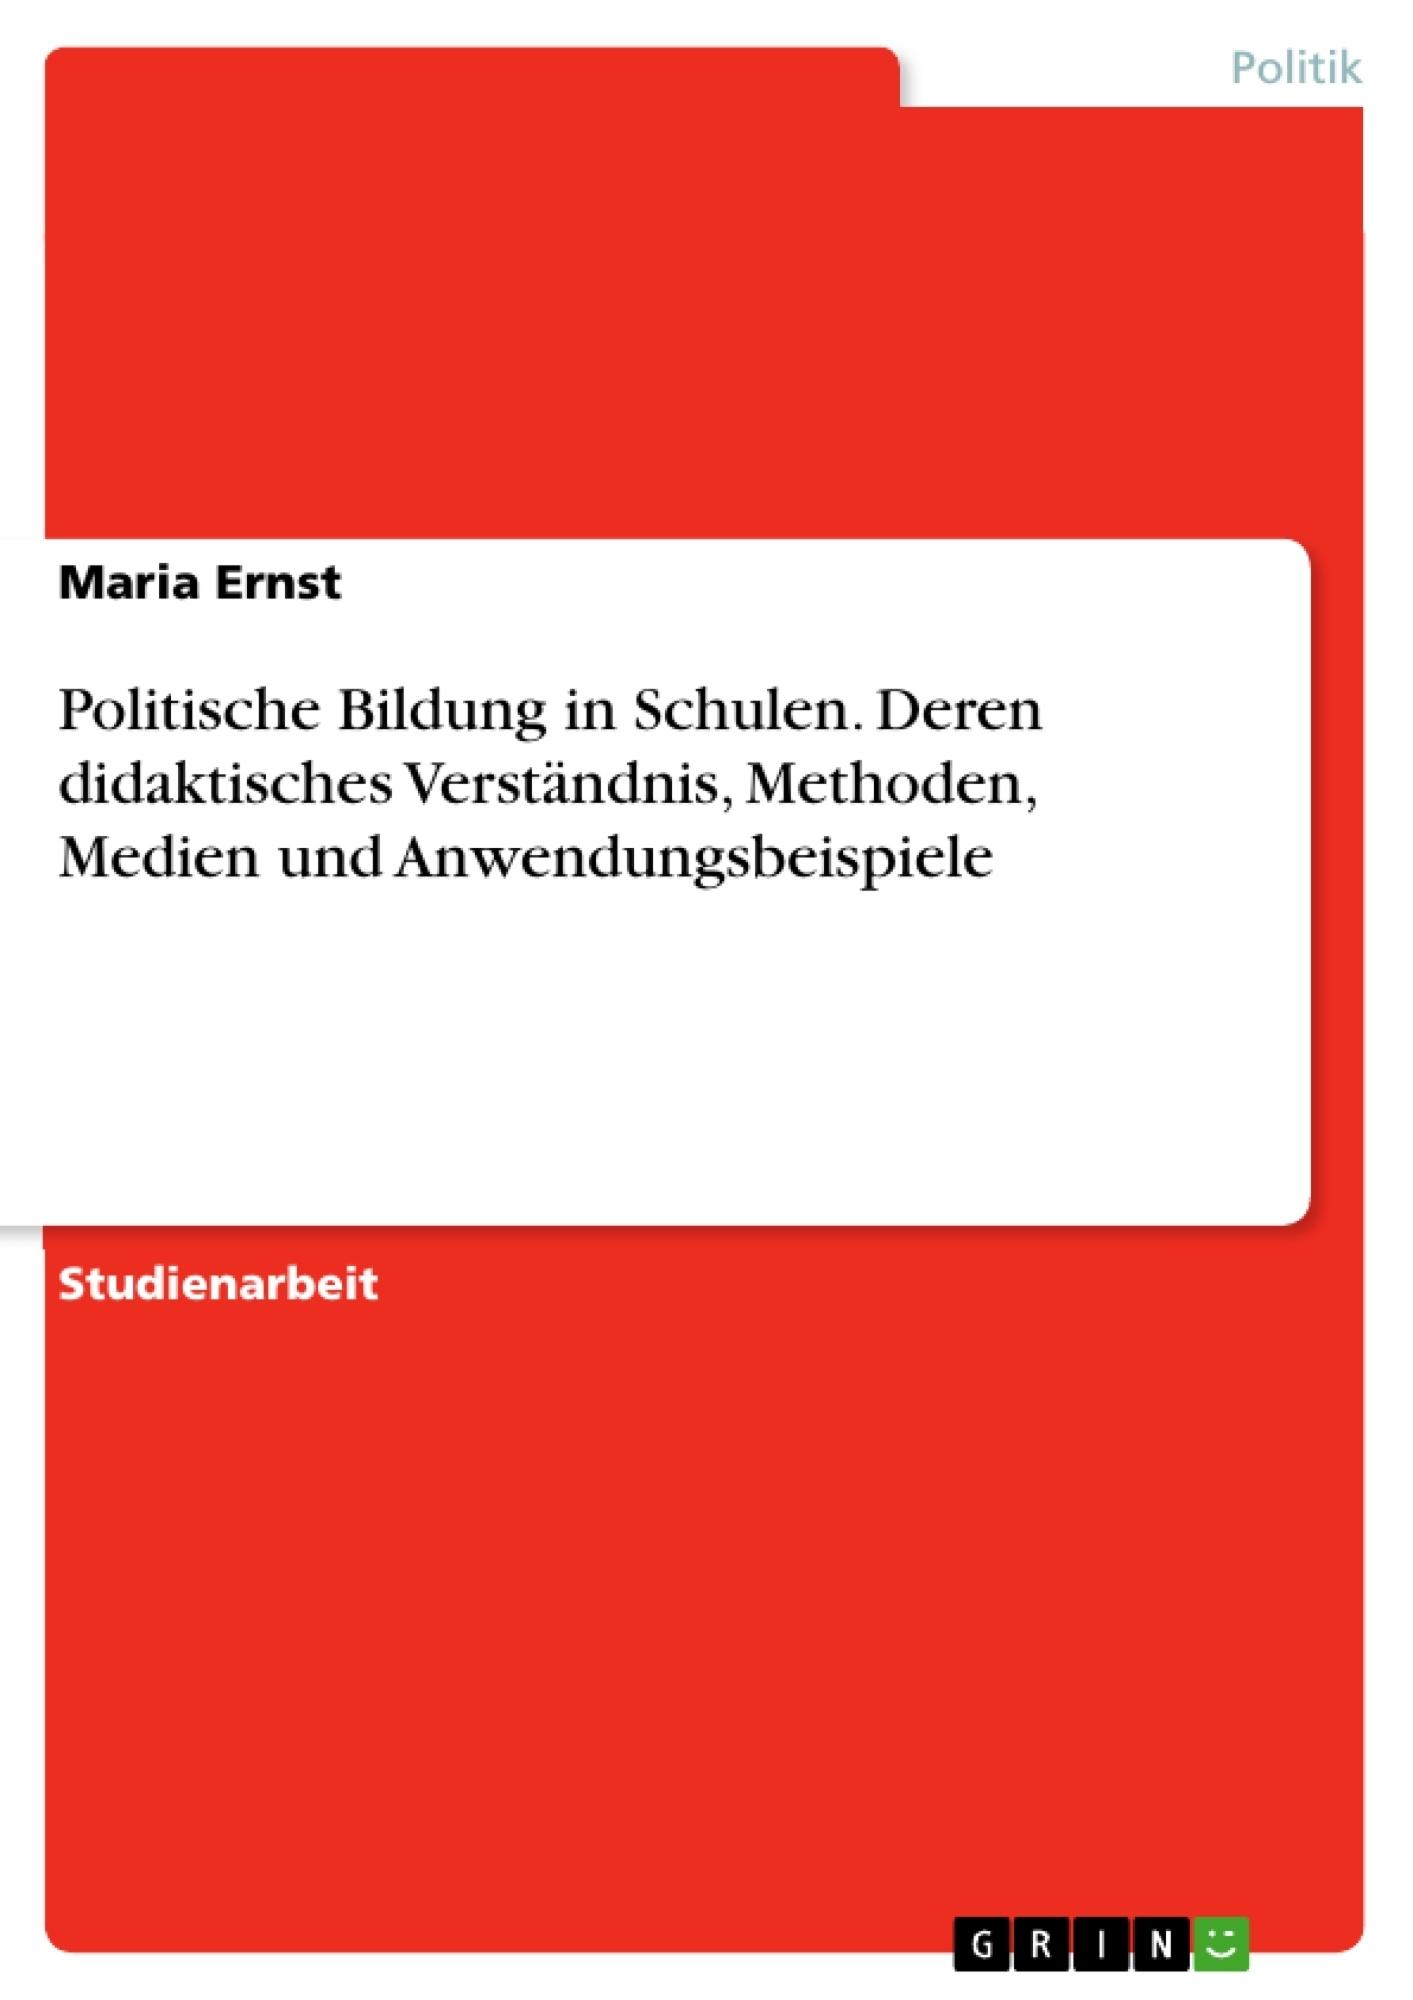 Titel: Politische Bildung in Schulen. Deren didaktisches Verständnis, Methoden, Medien und Anwendungsbeispiele